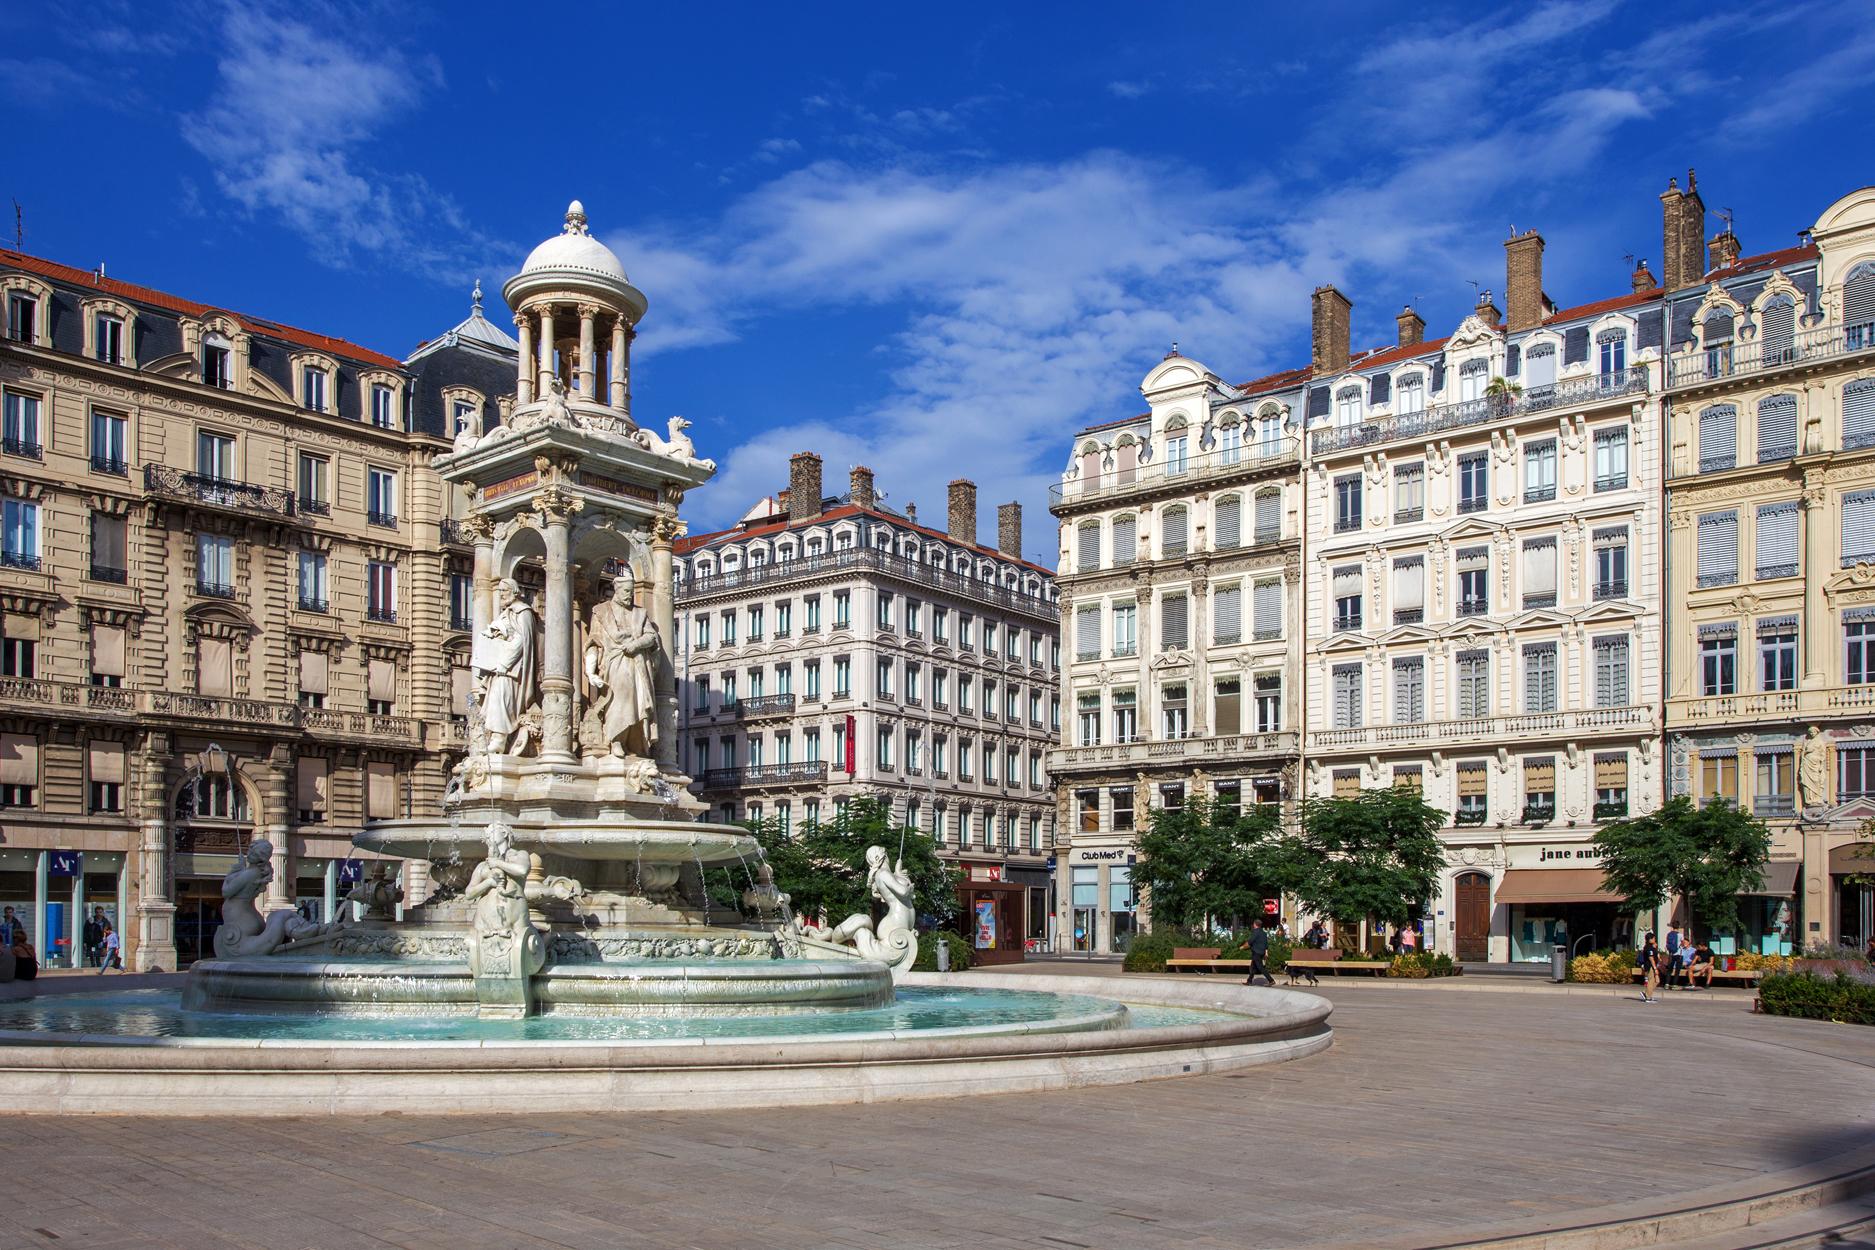 法国尼斯+戛纳+圣特罗佩+里昂+巴黎11日9晚自由行(5钻)·省心订 南法1日包车 含尼斯机场接机